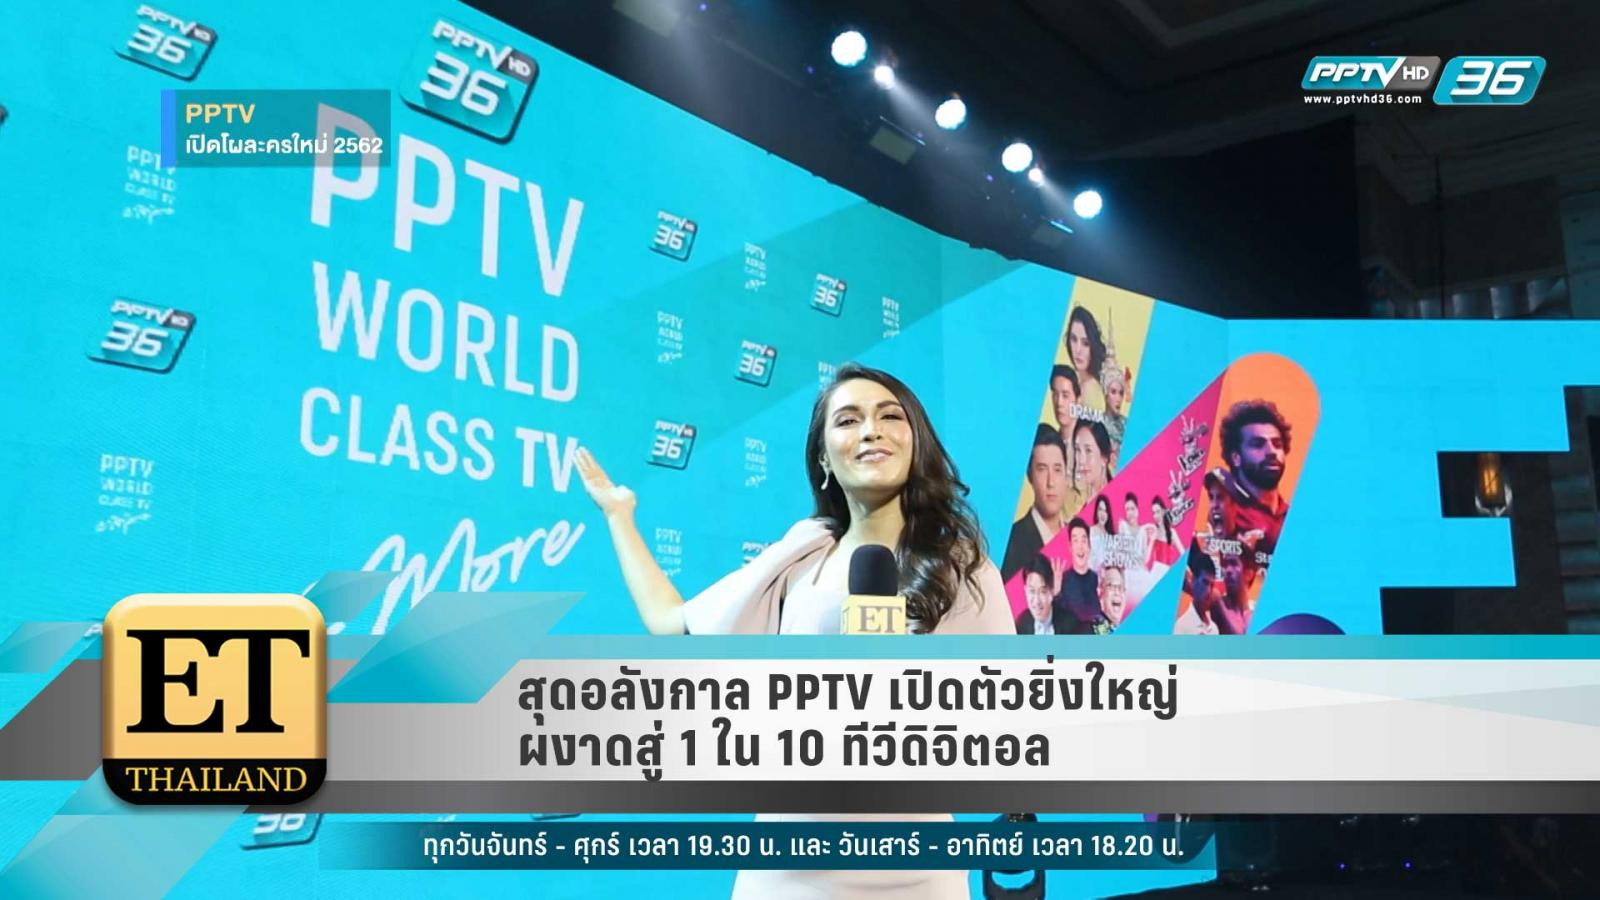 สุดอลังกาล PPTV เปิดตัวยิ่งใหญ่ ผงาดสู่ 1 ใน 10 ทีวีดิจิตอล